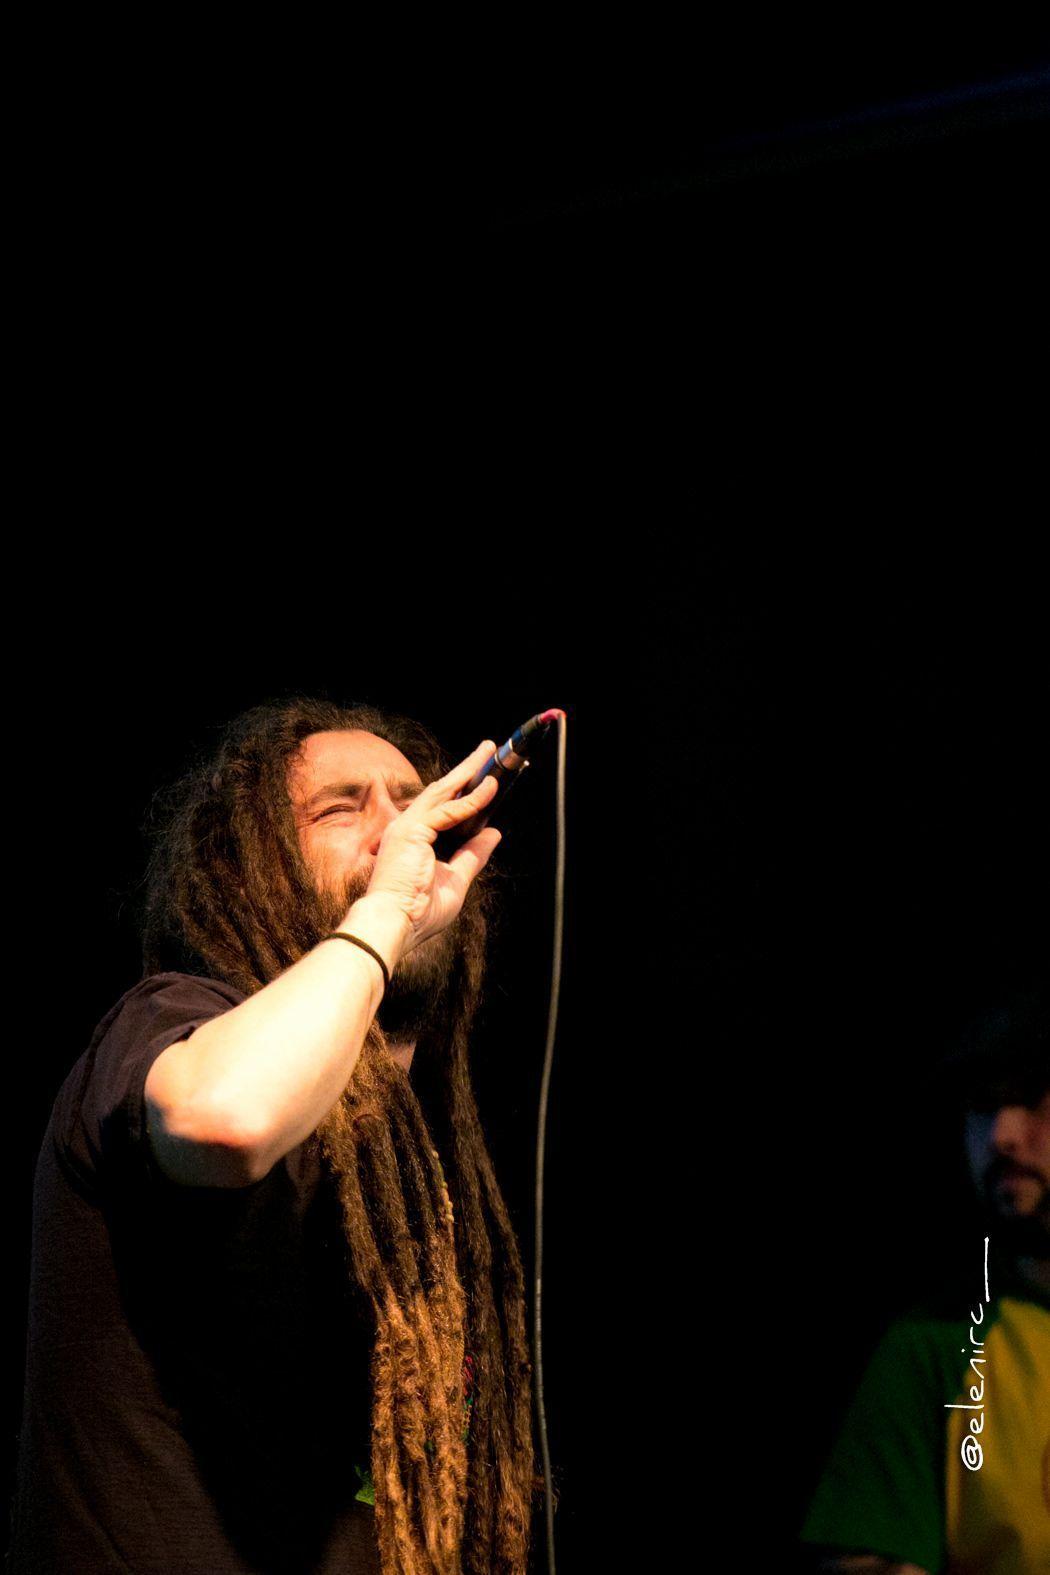 roe delgado en concierto en parets 01 foto: elenircfotografia